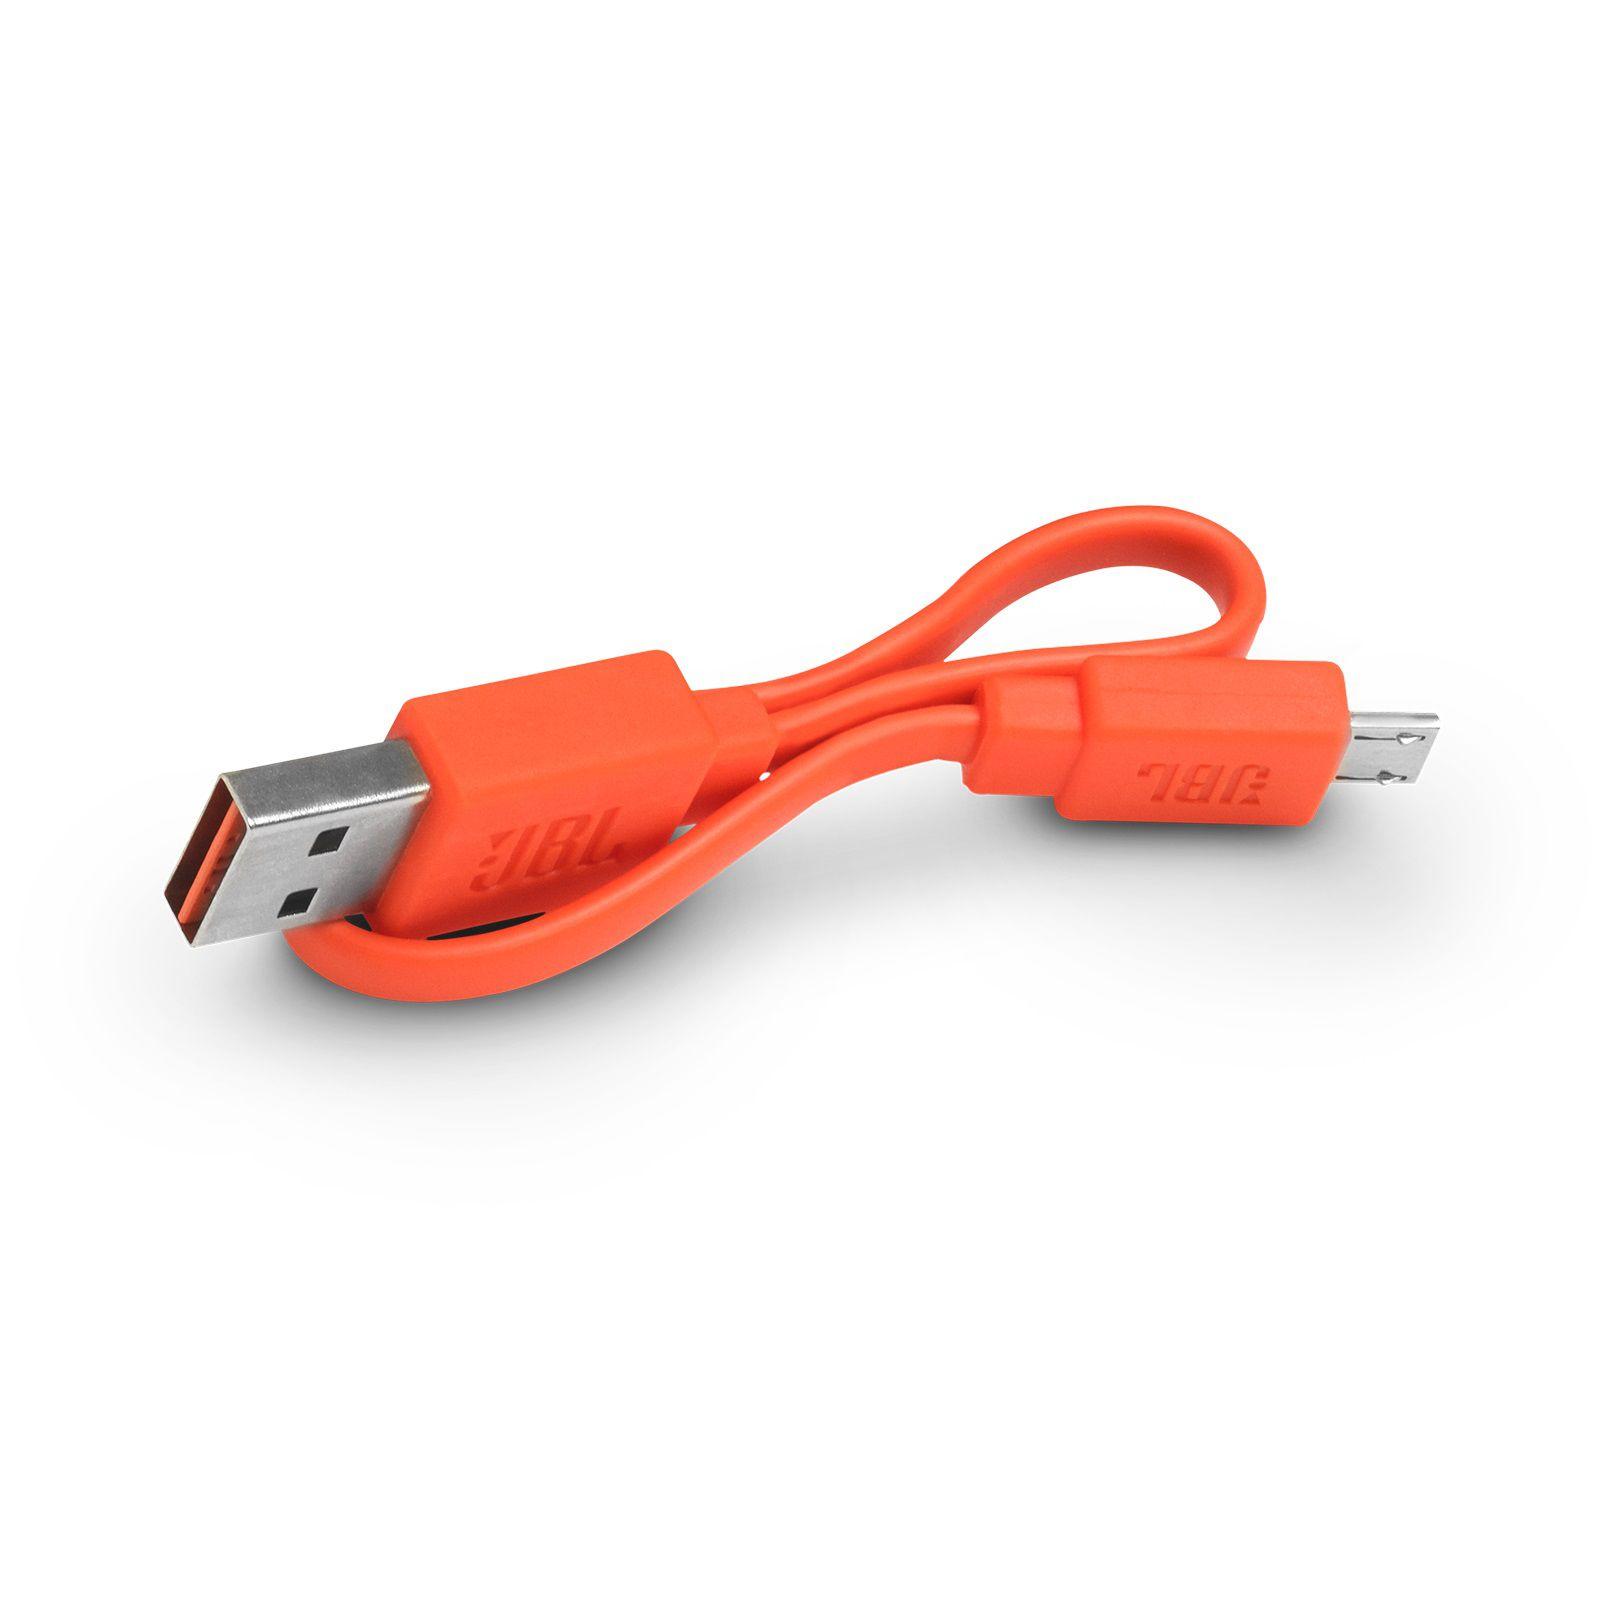 Caixa De Som Jbl Tune Portátil Bluetooth Fm Usb Blk